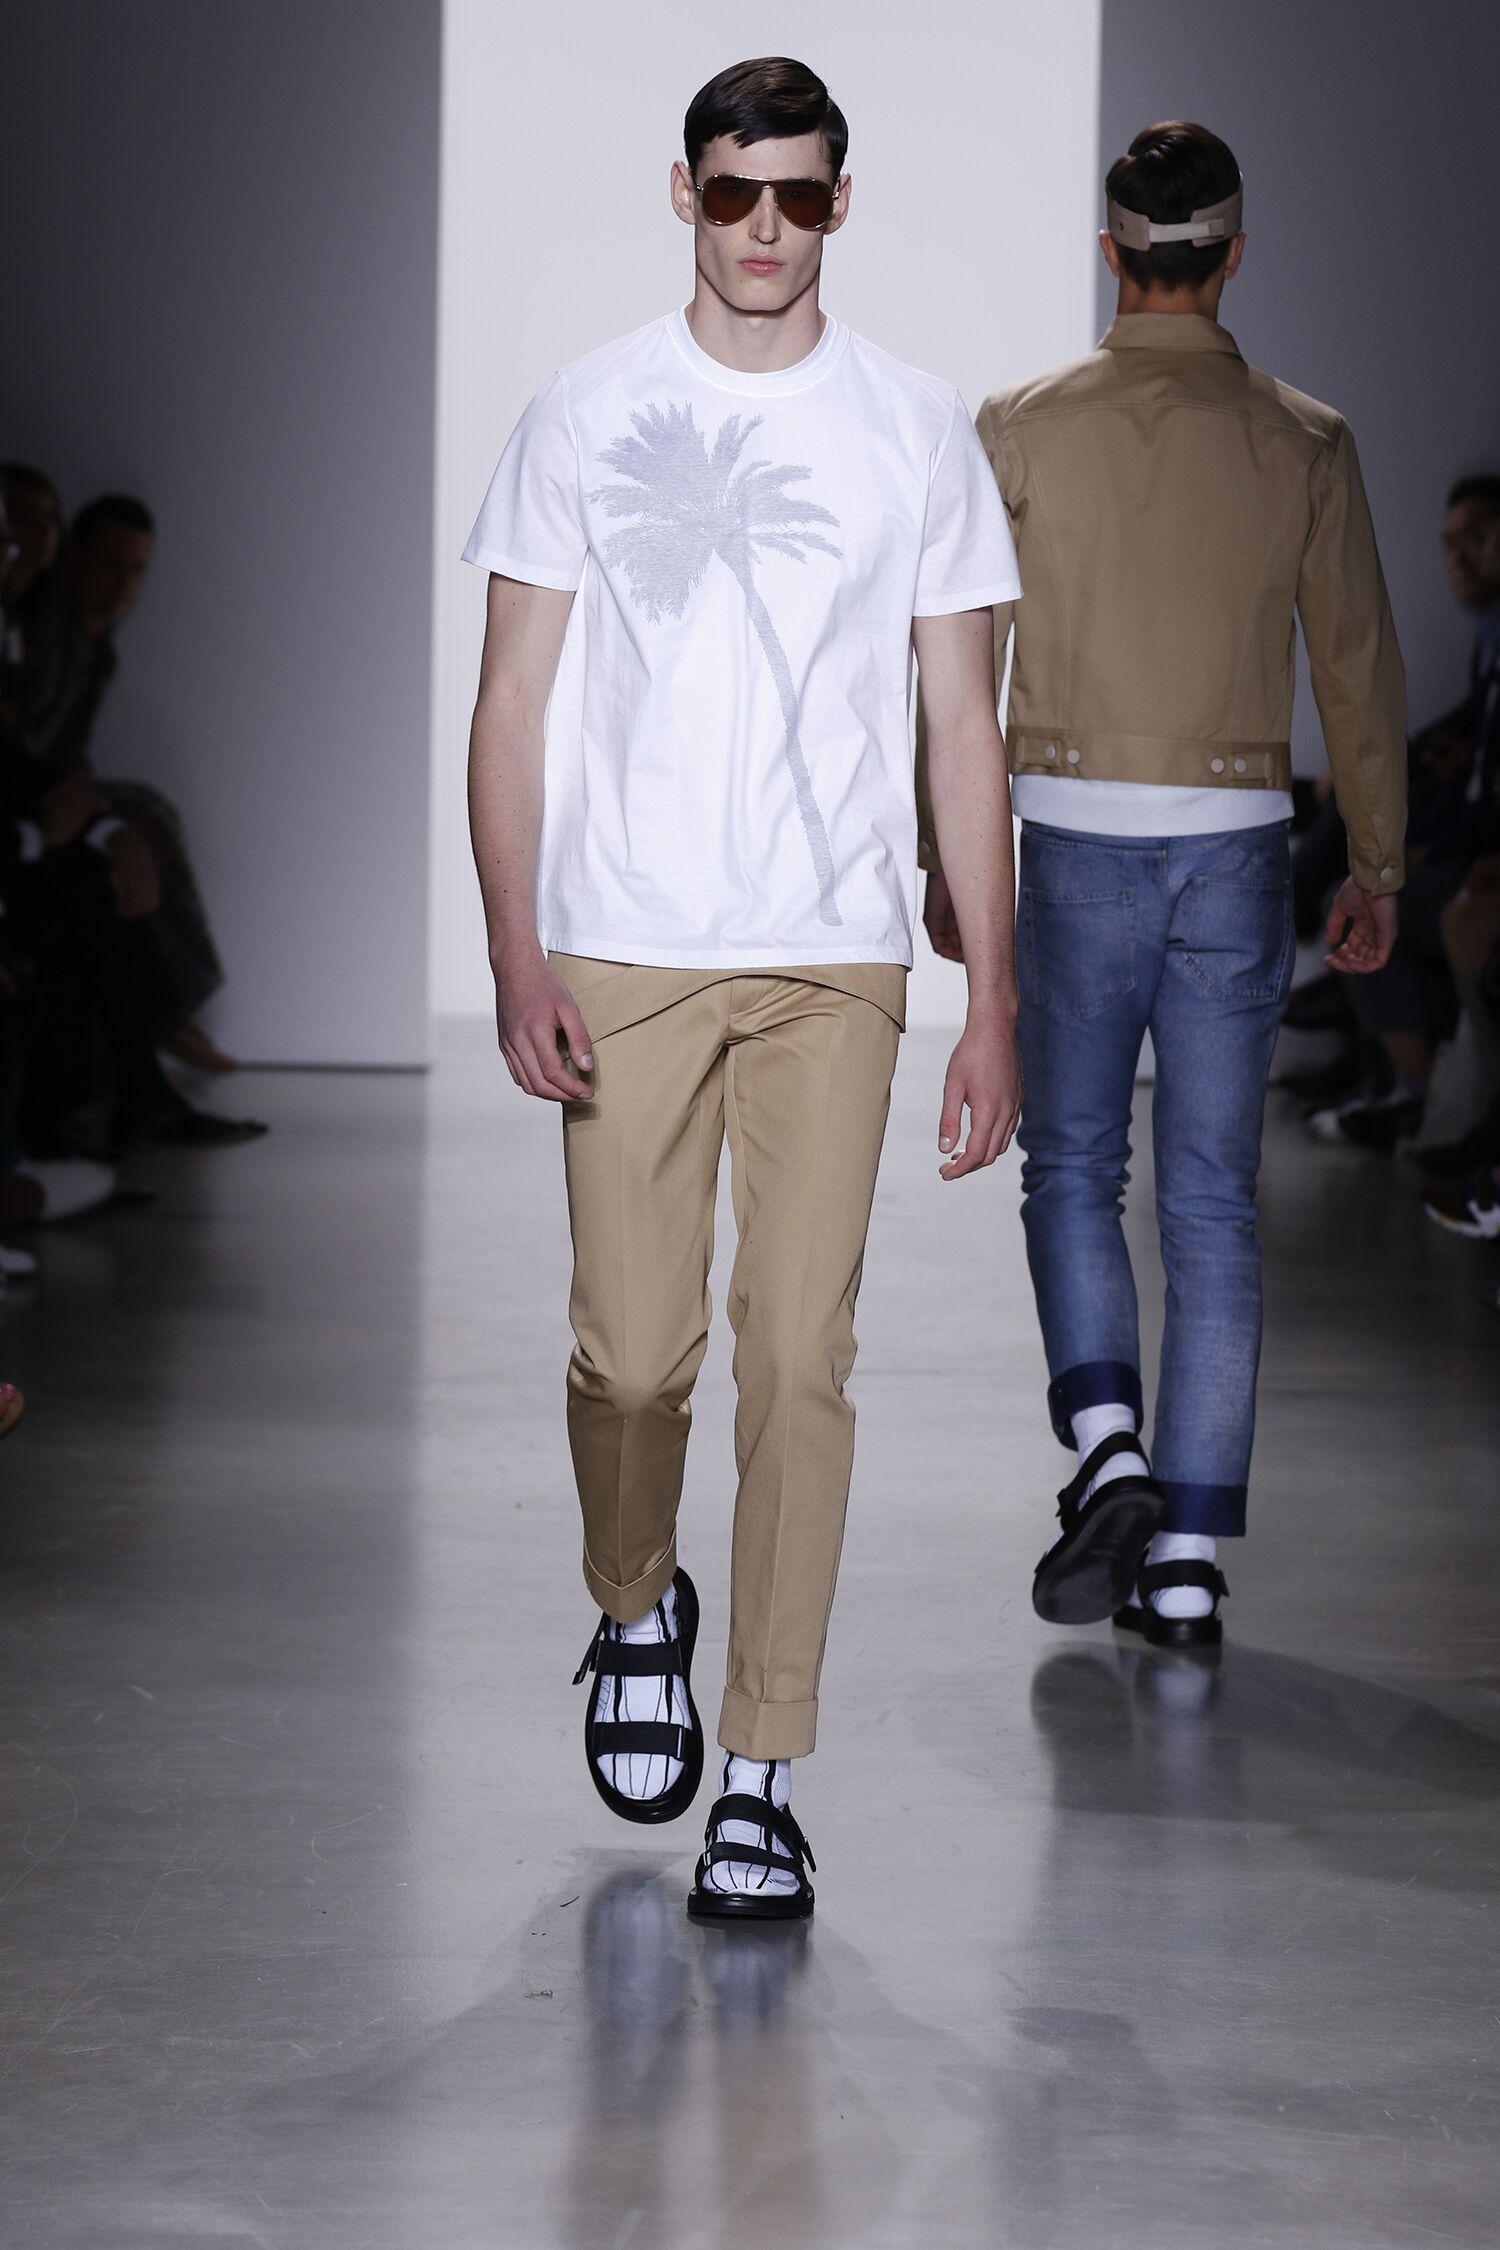 Catwalk Calvin Klein Menswear Collection Summer 2016